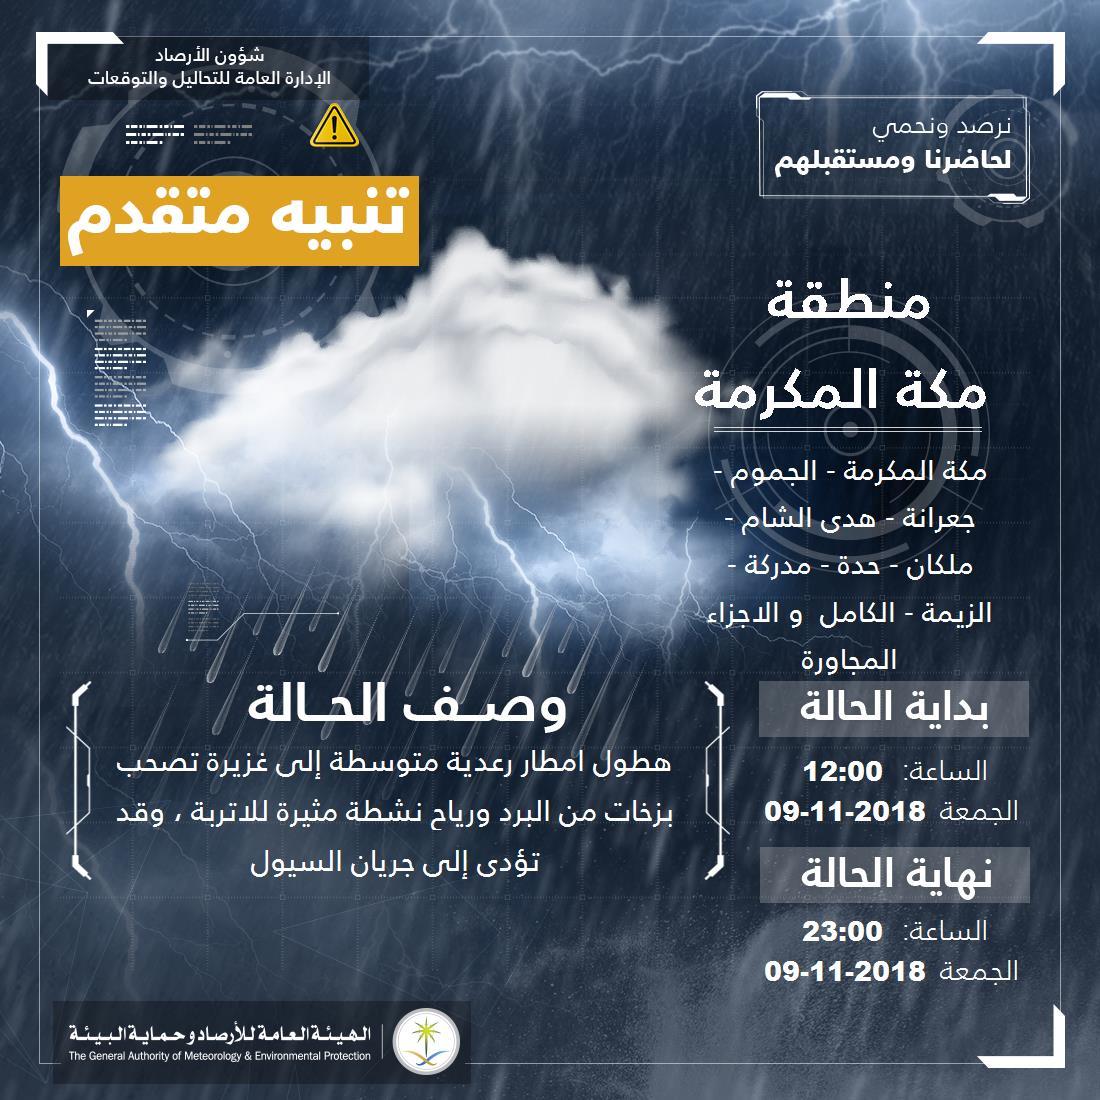 تنبيه متقدم بهطول أمطار غزيرة بمنطقة مكة المكرمة